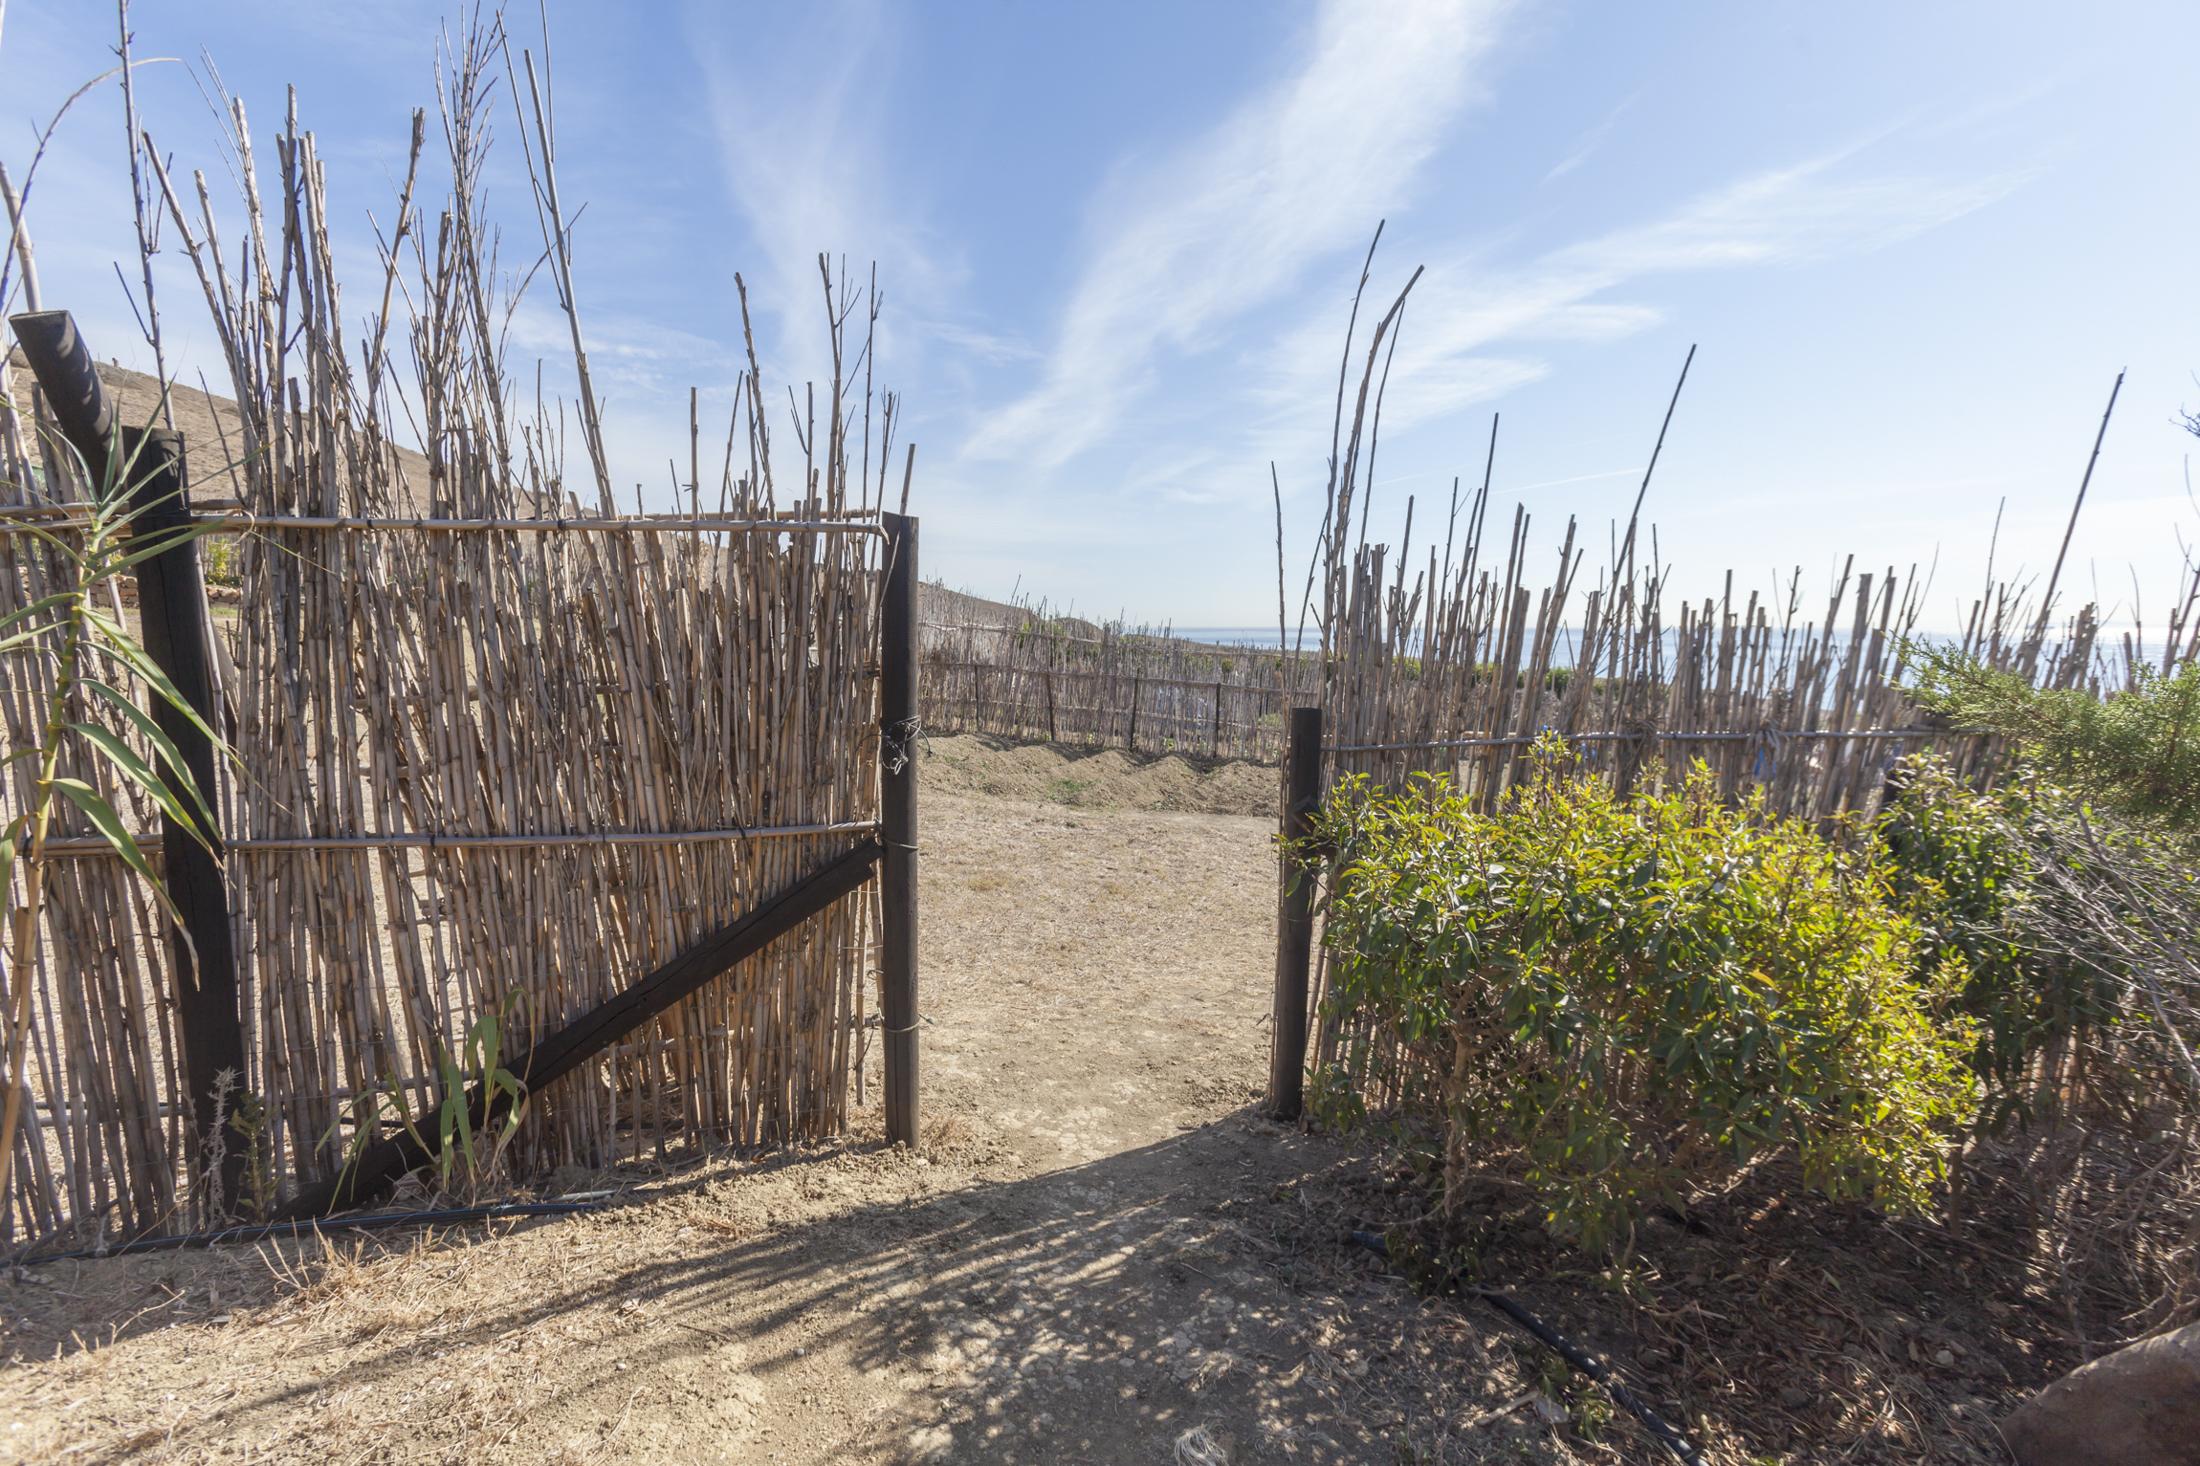 The entrance to the Veggie Garden